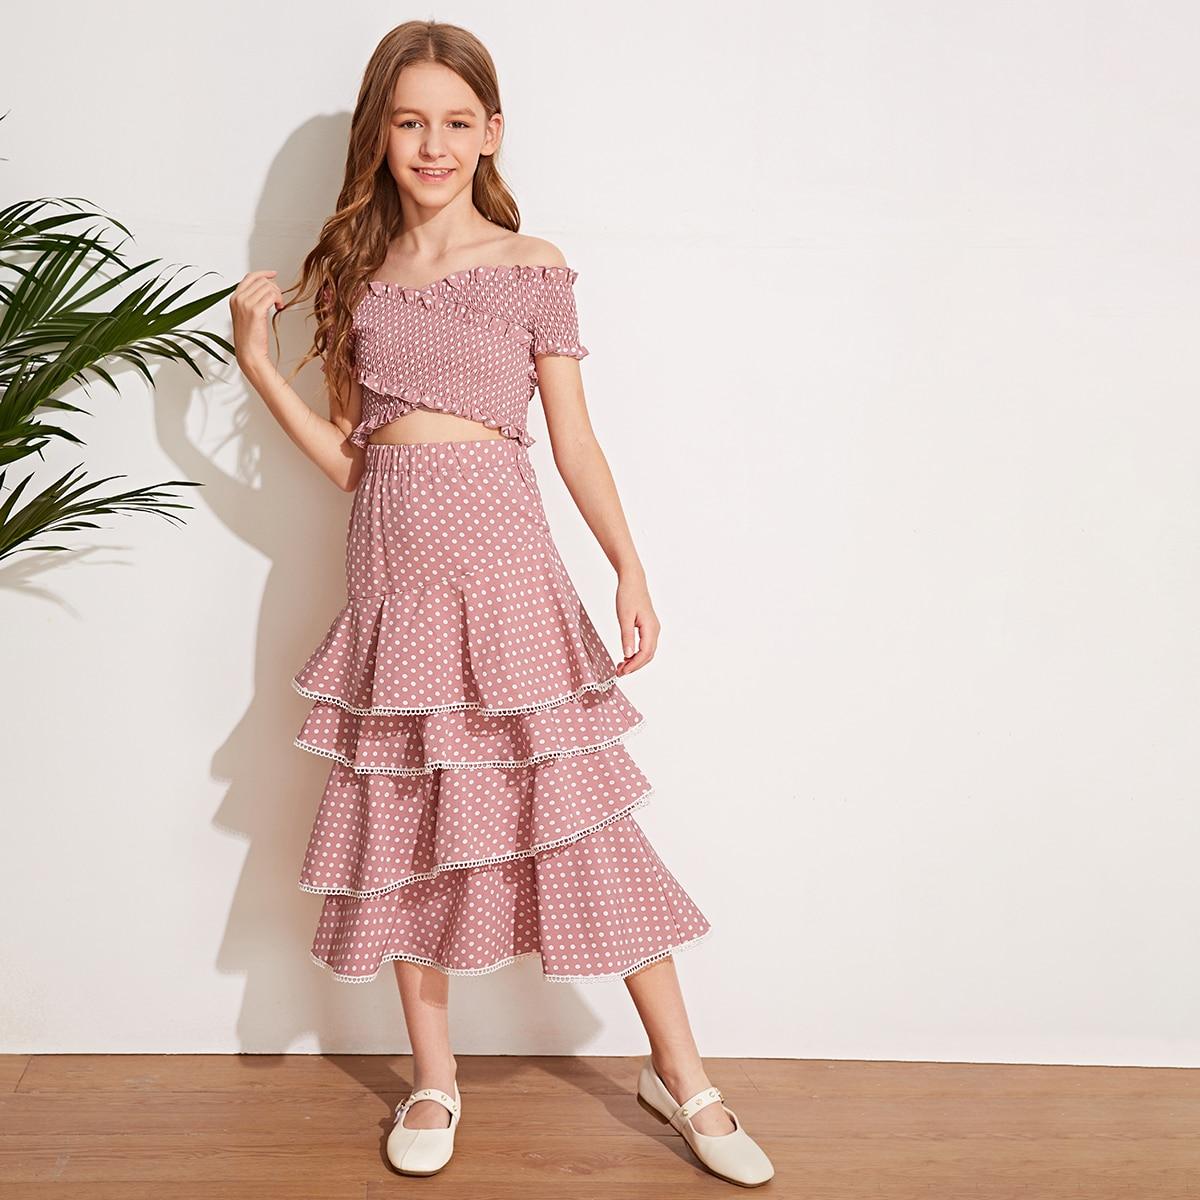 Топ с открытыми плечами и юбка с оборками для девочек